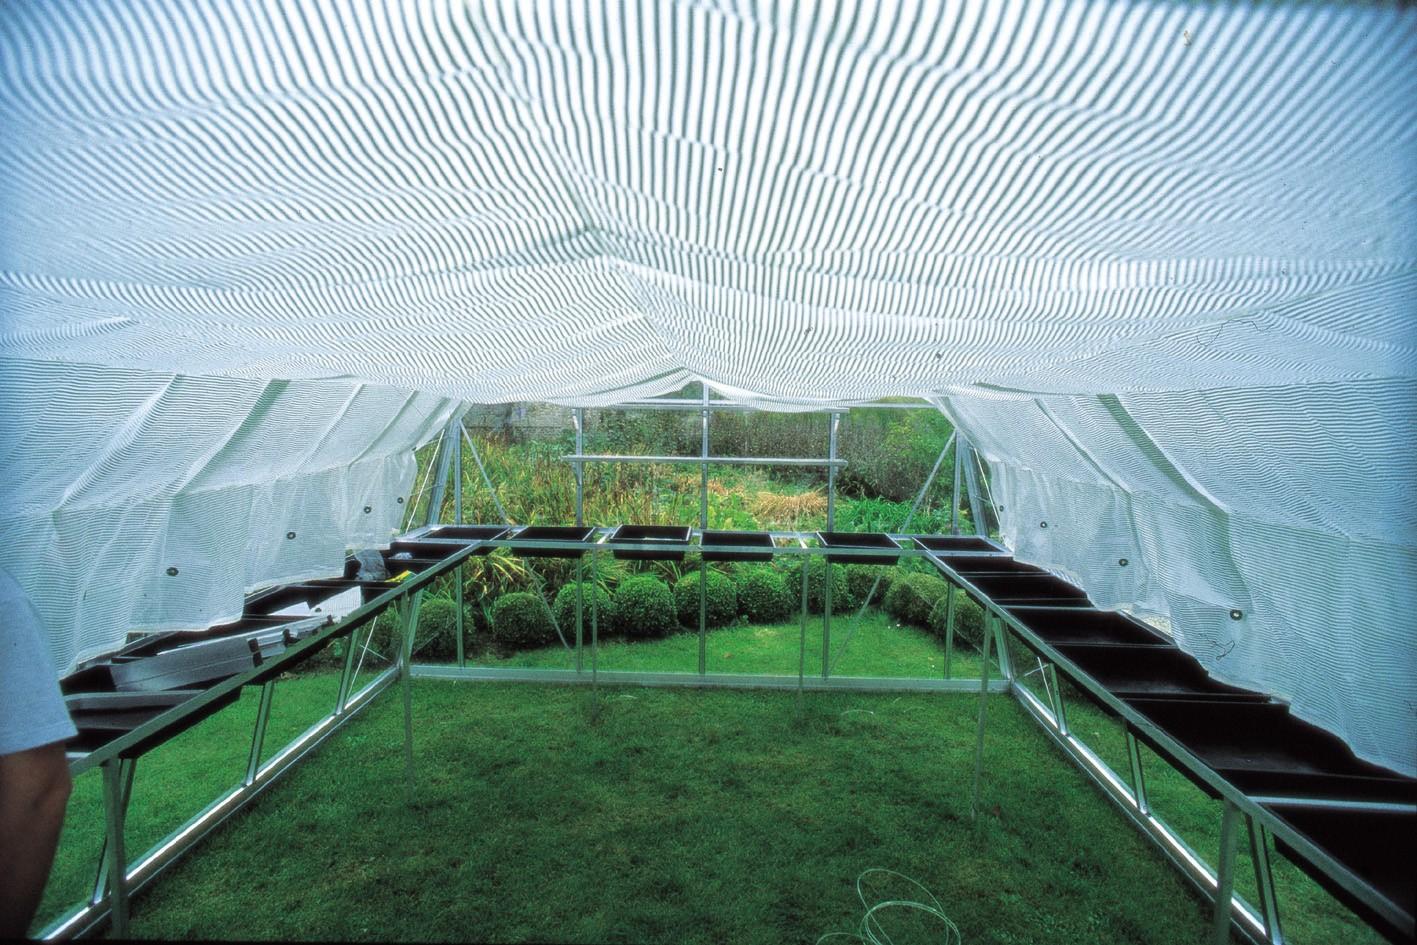 Toile D'ombrage Acd Prestige S106 - Accessoires Serres ... intérieur Fonctionnement D Une Serre De Jardin